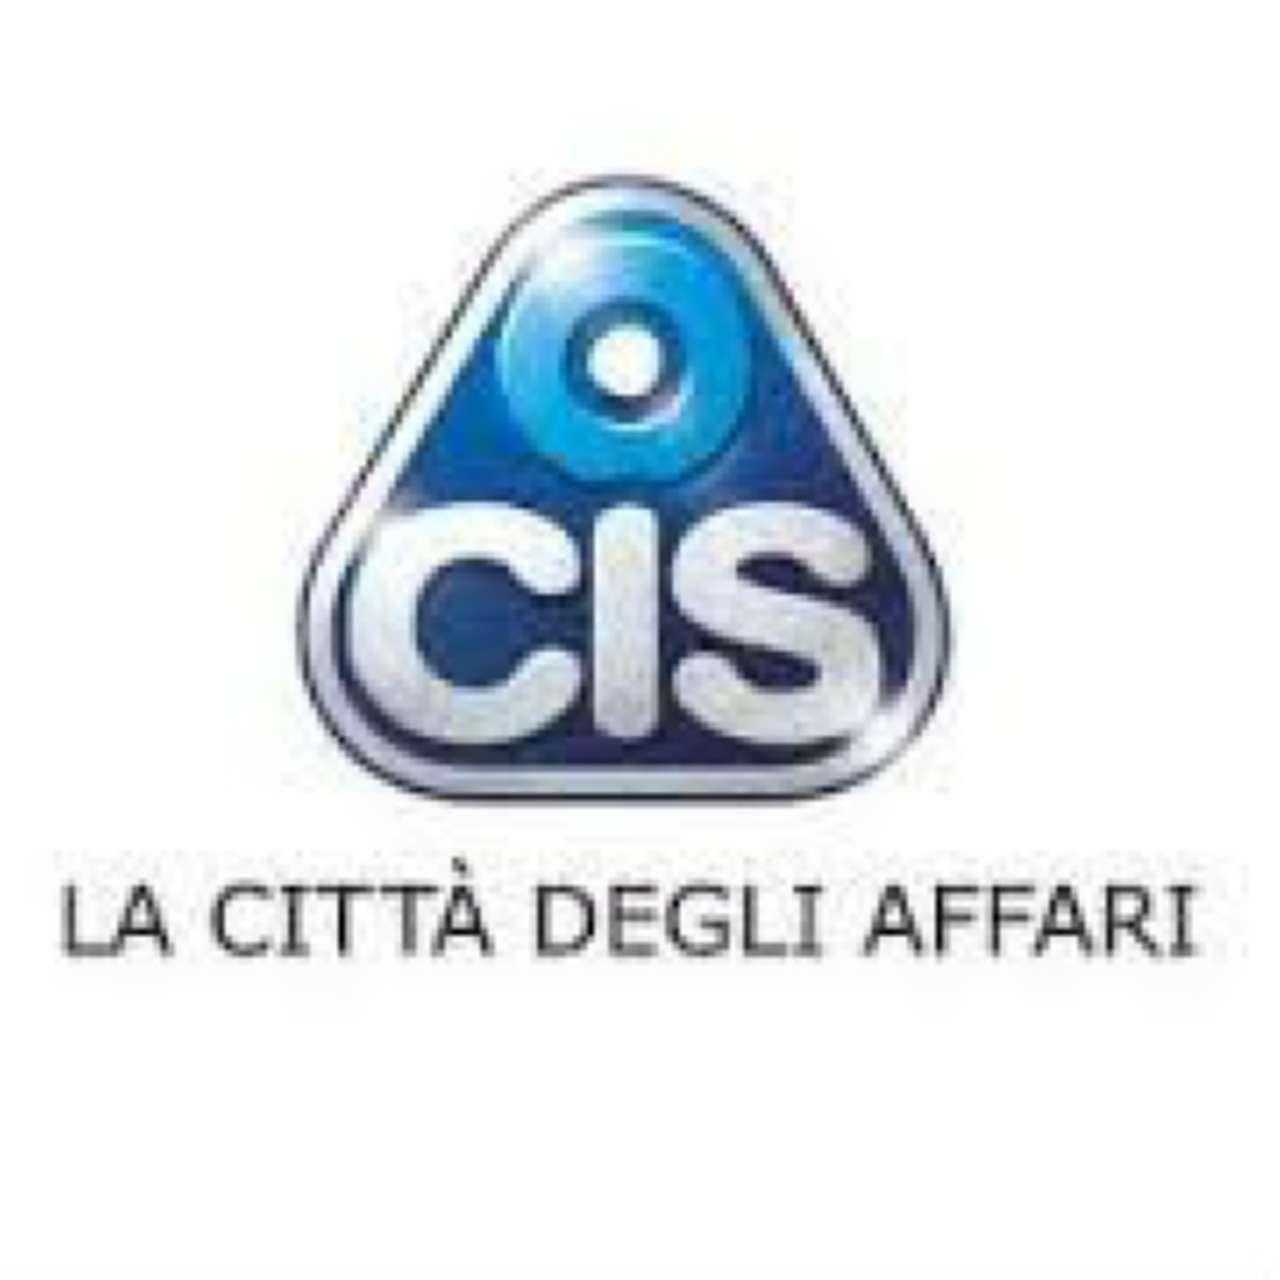 Nola Affitto CAPANNONE Immagine 1